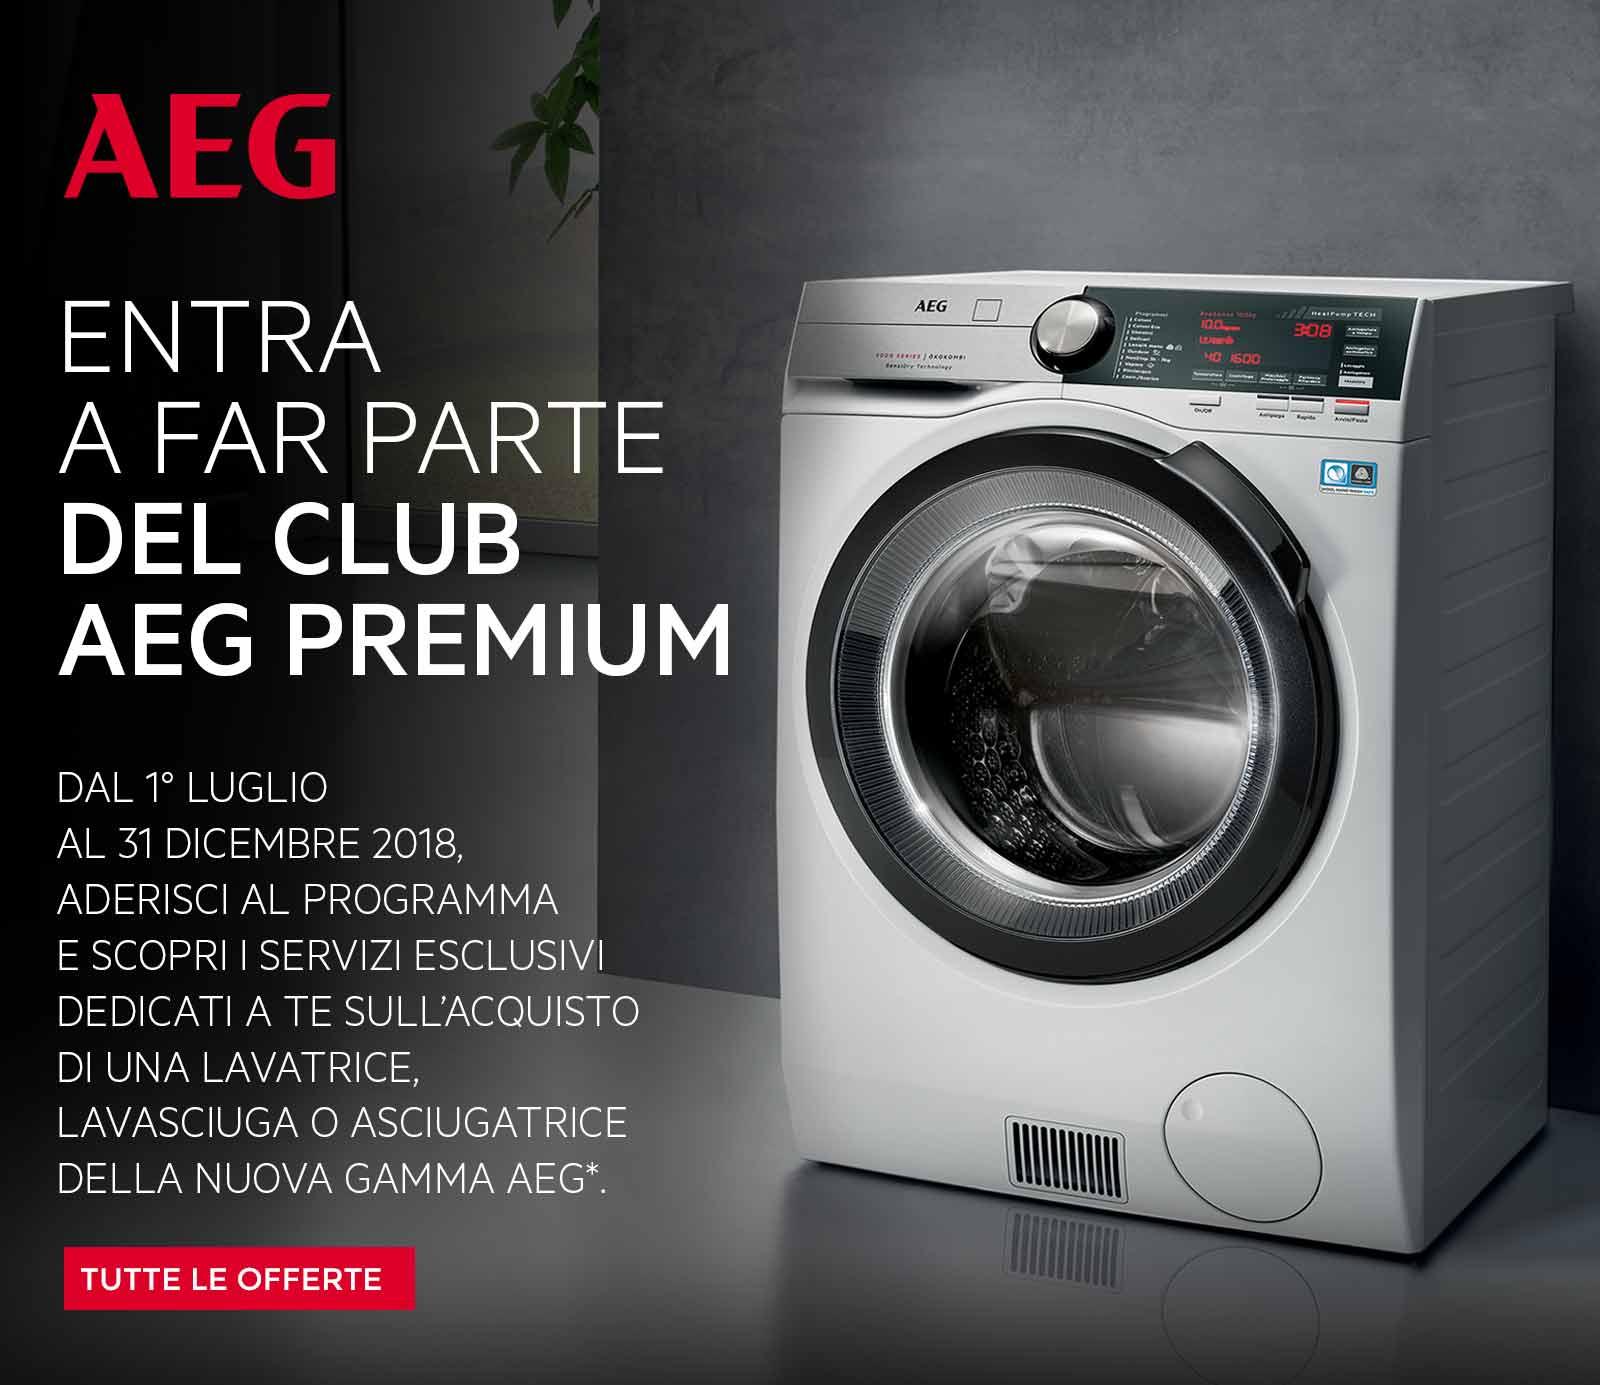 AEG Premium